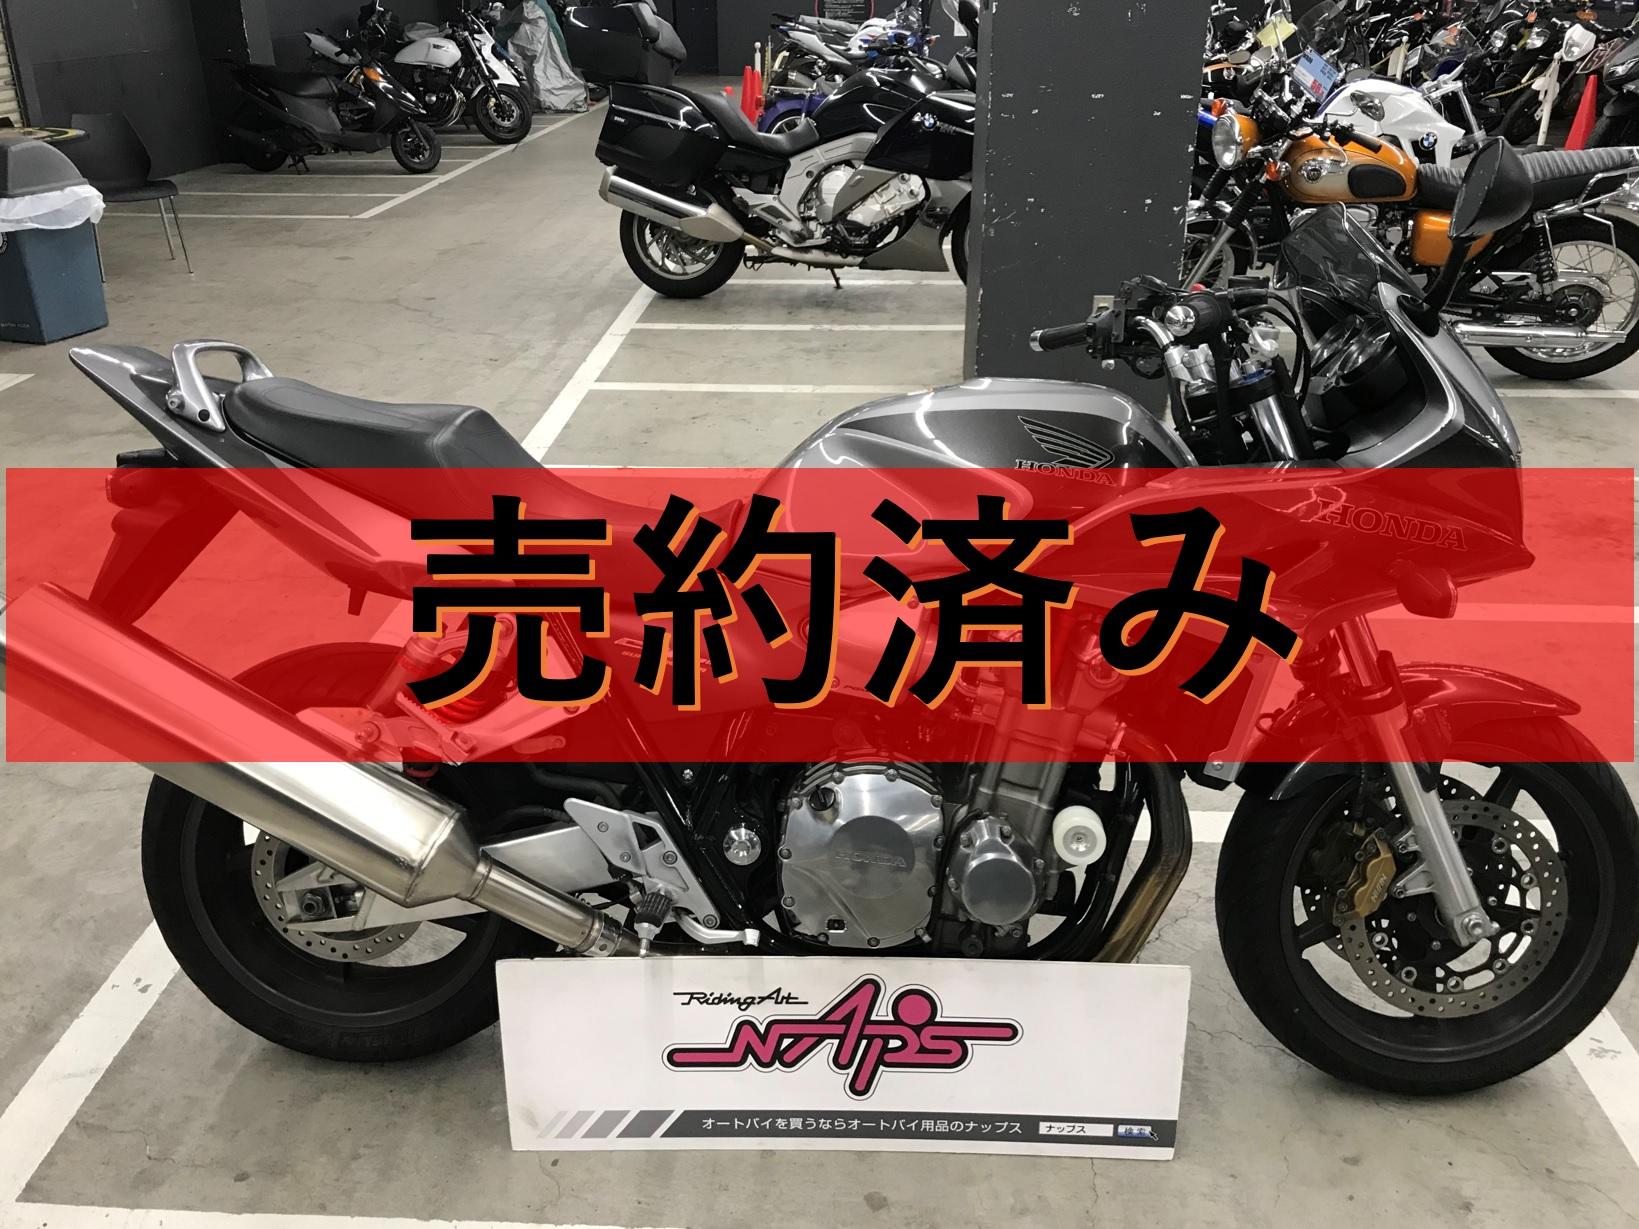 HONDA 【販売車両】CB1300Super ボルドール スライダー